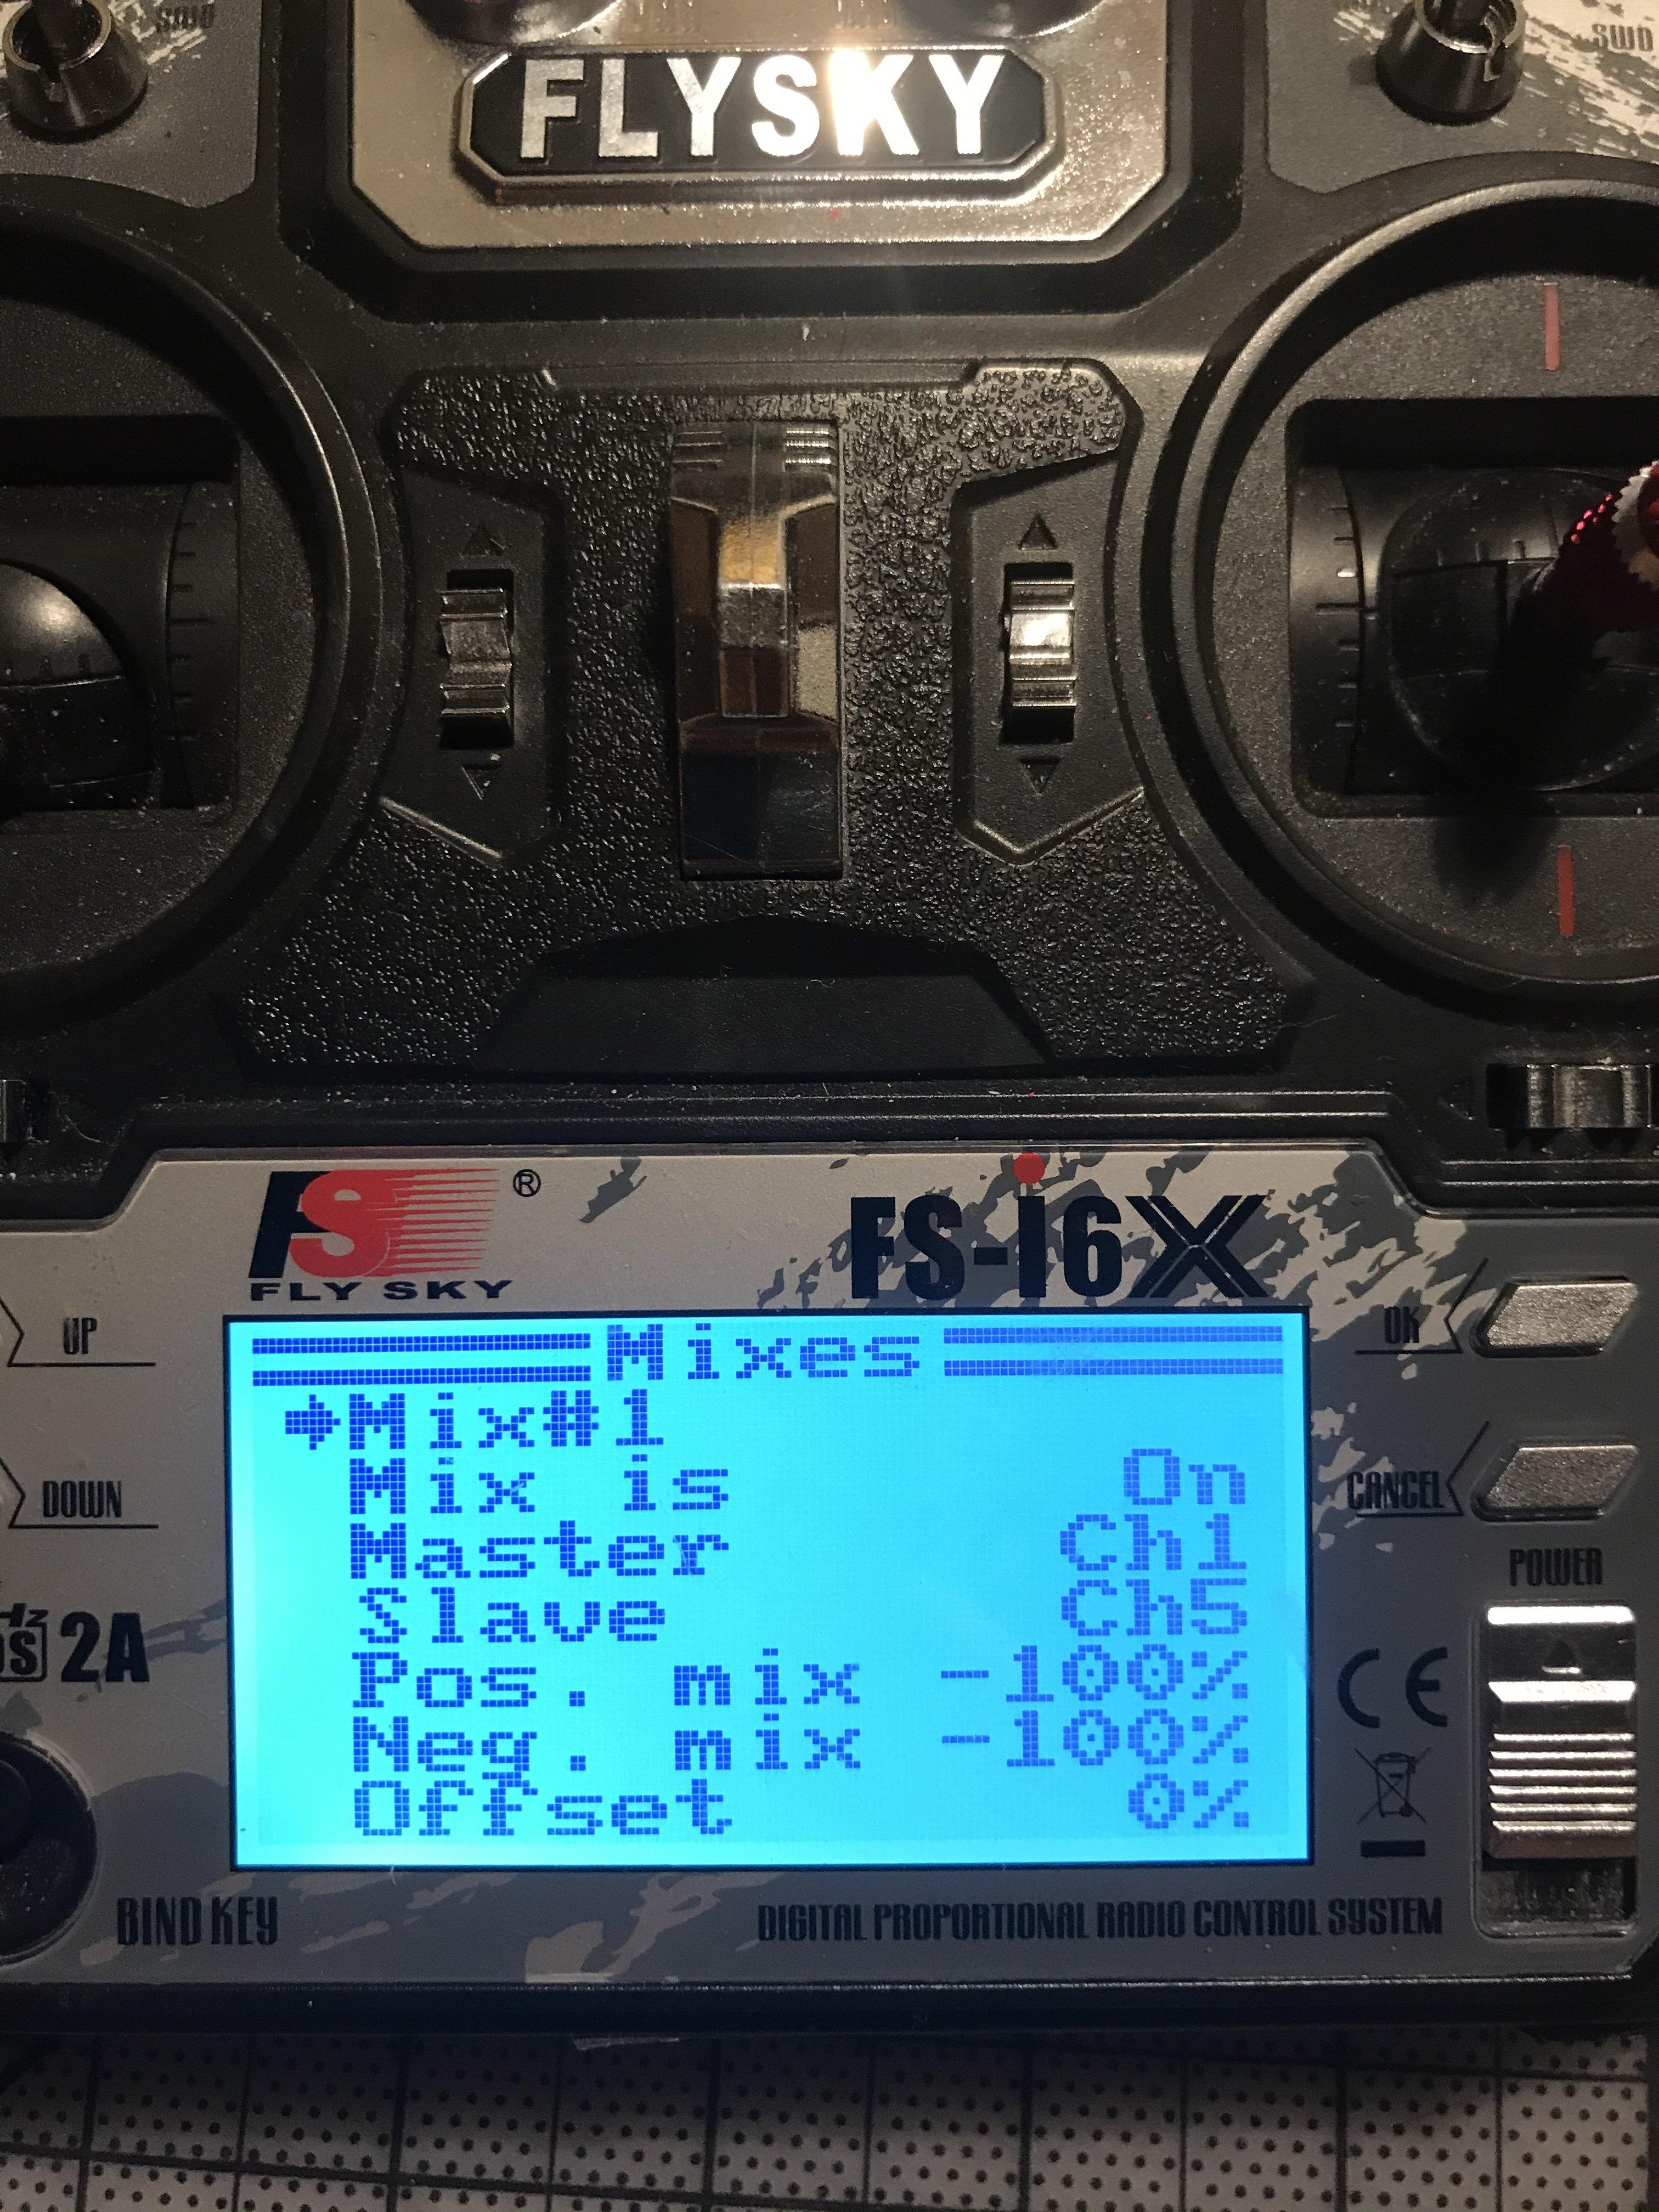 134E0178-C0D0-4206-A87E-3BB0B4F43210.jpeg